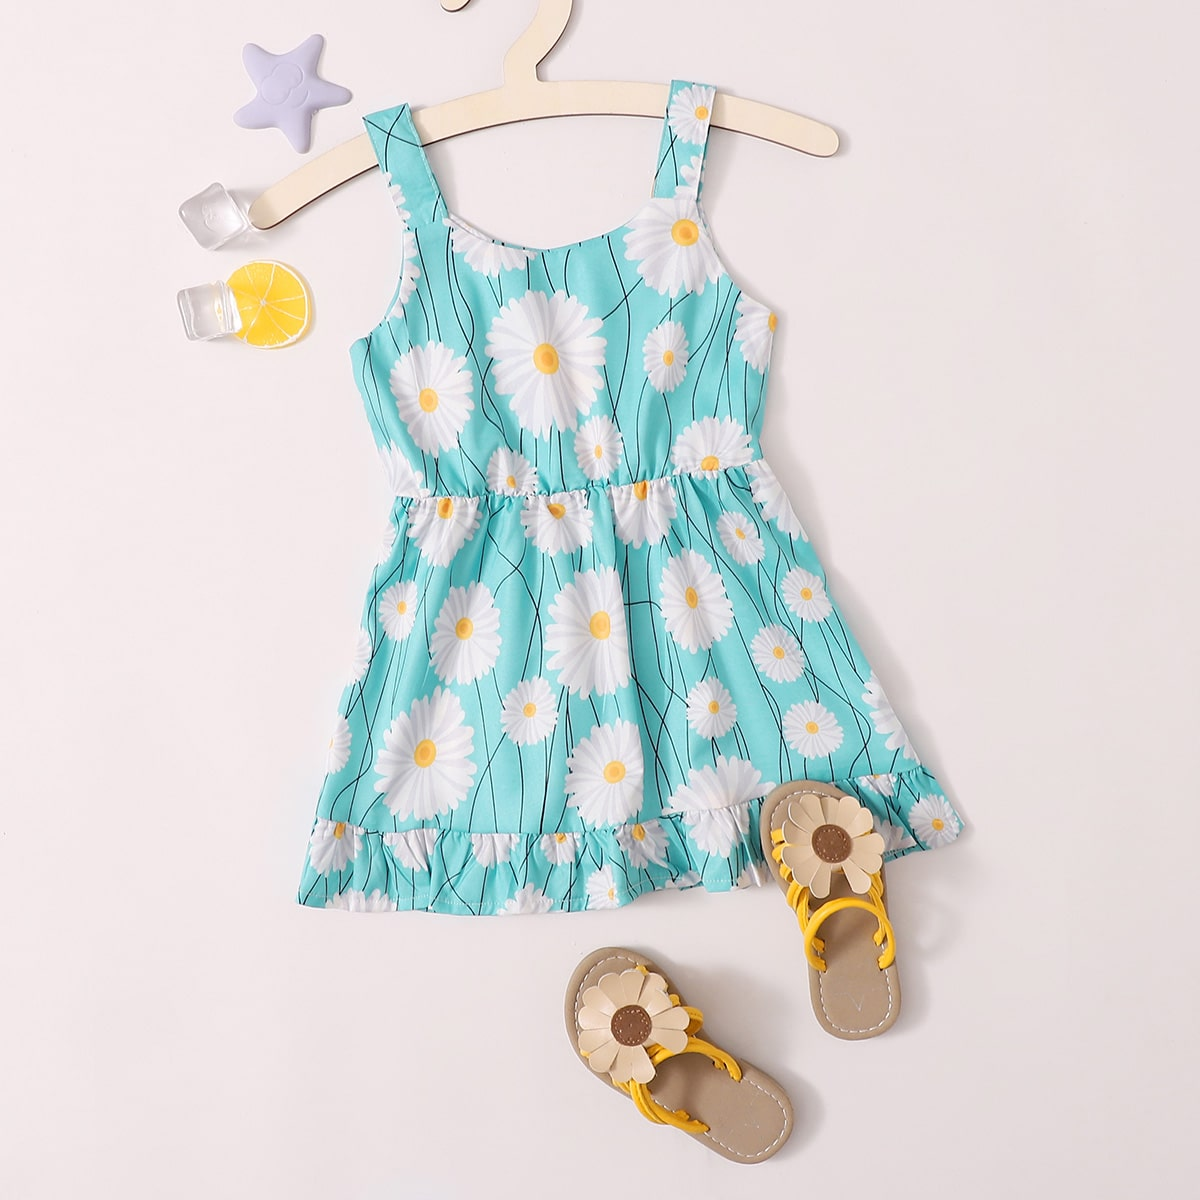 Цветочное платье с оборками для девочек фото